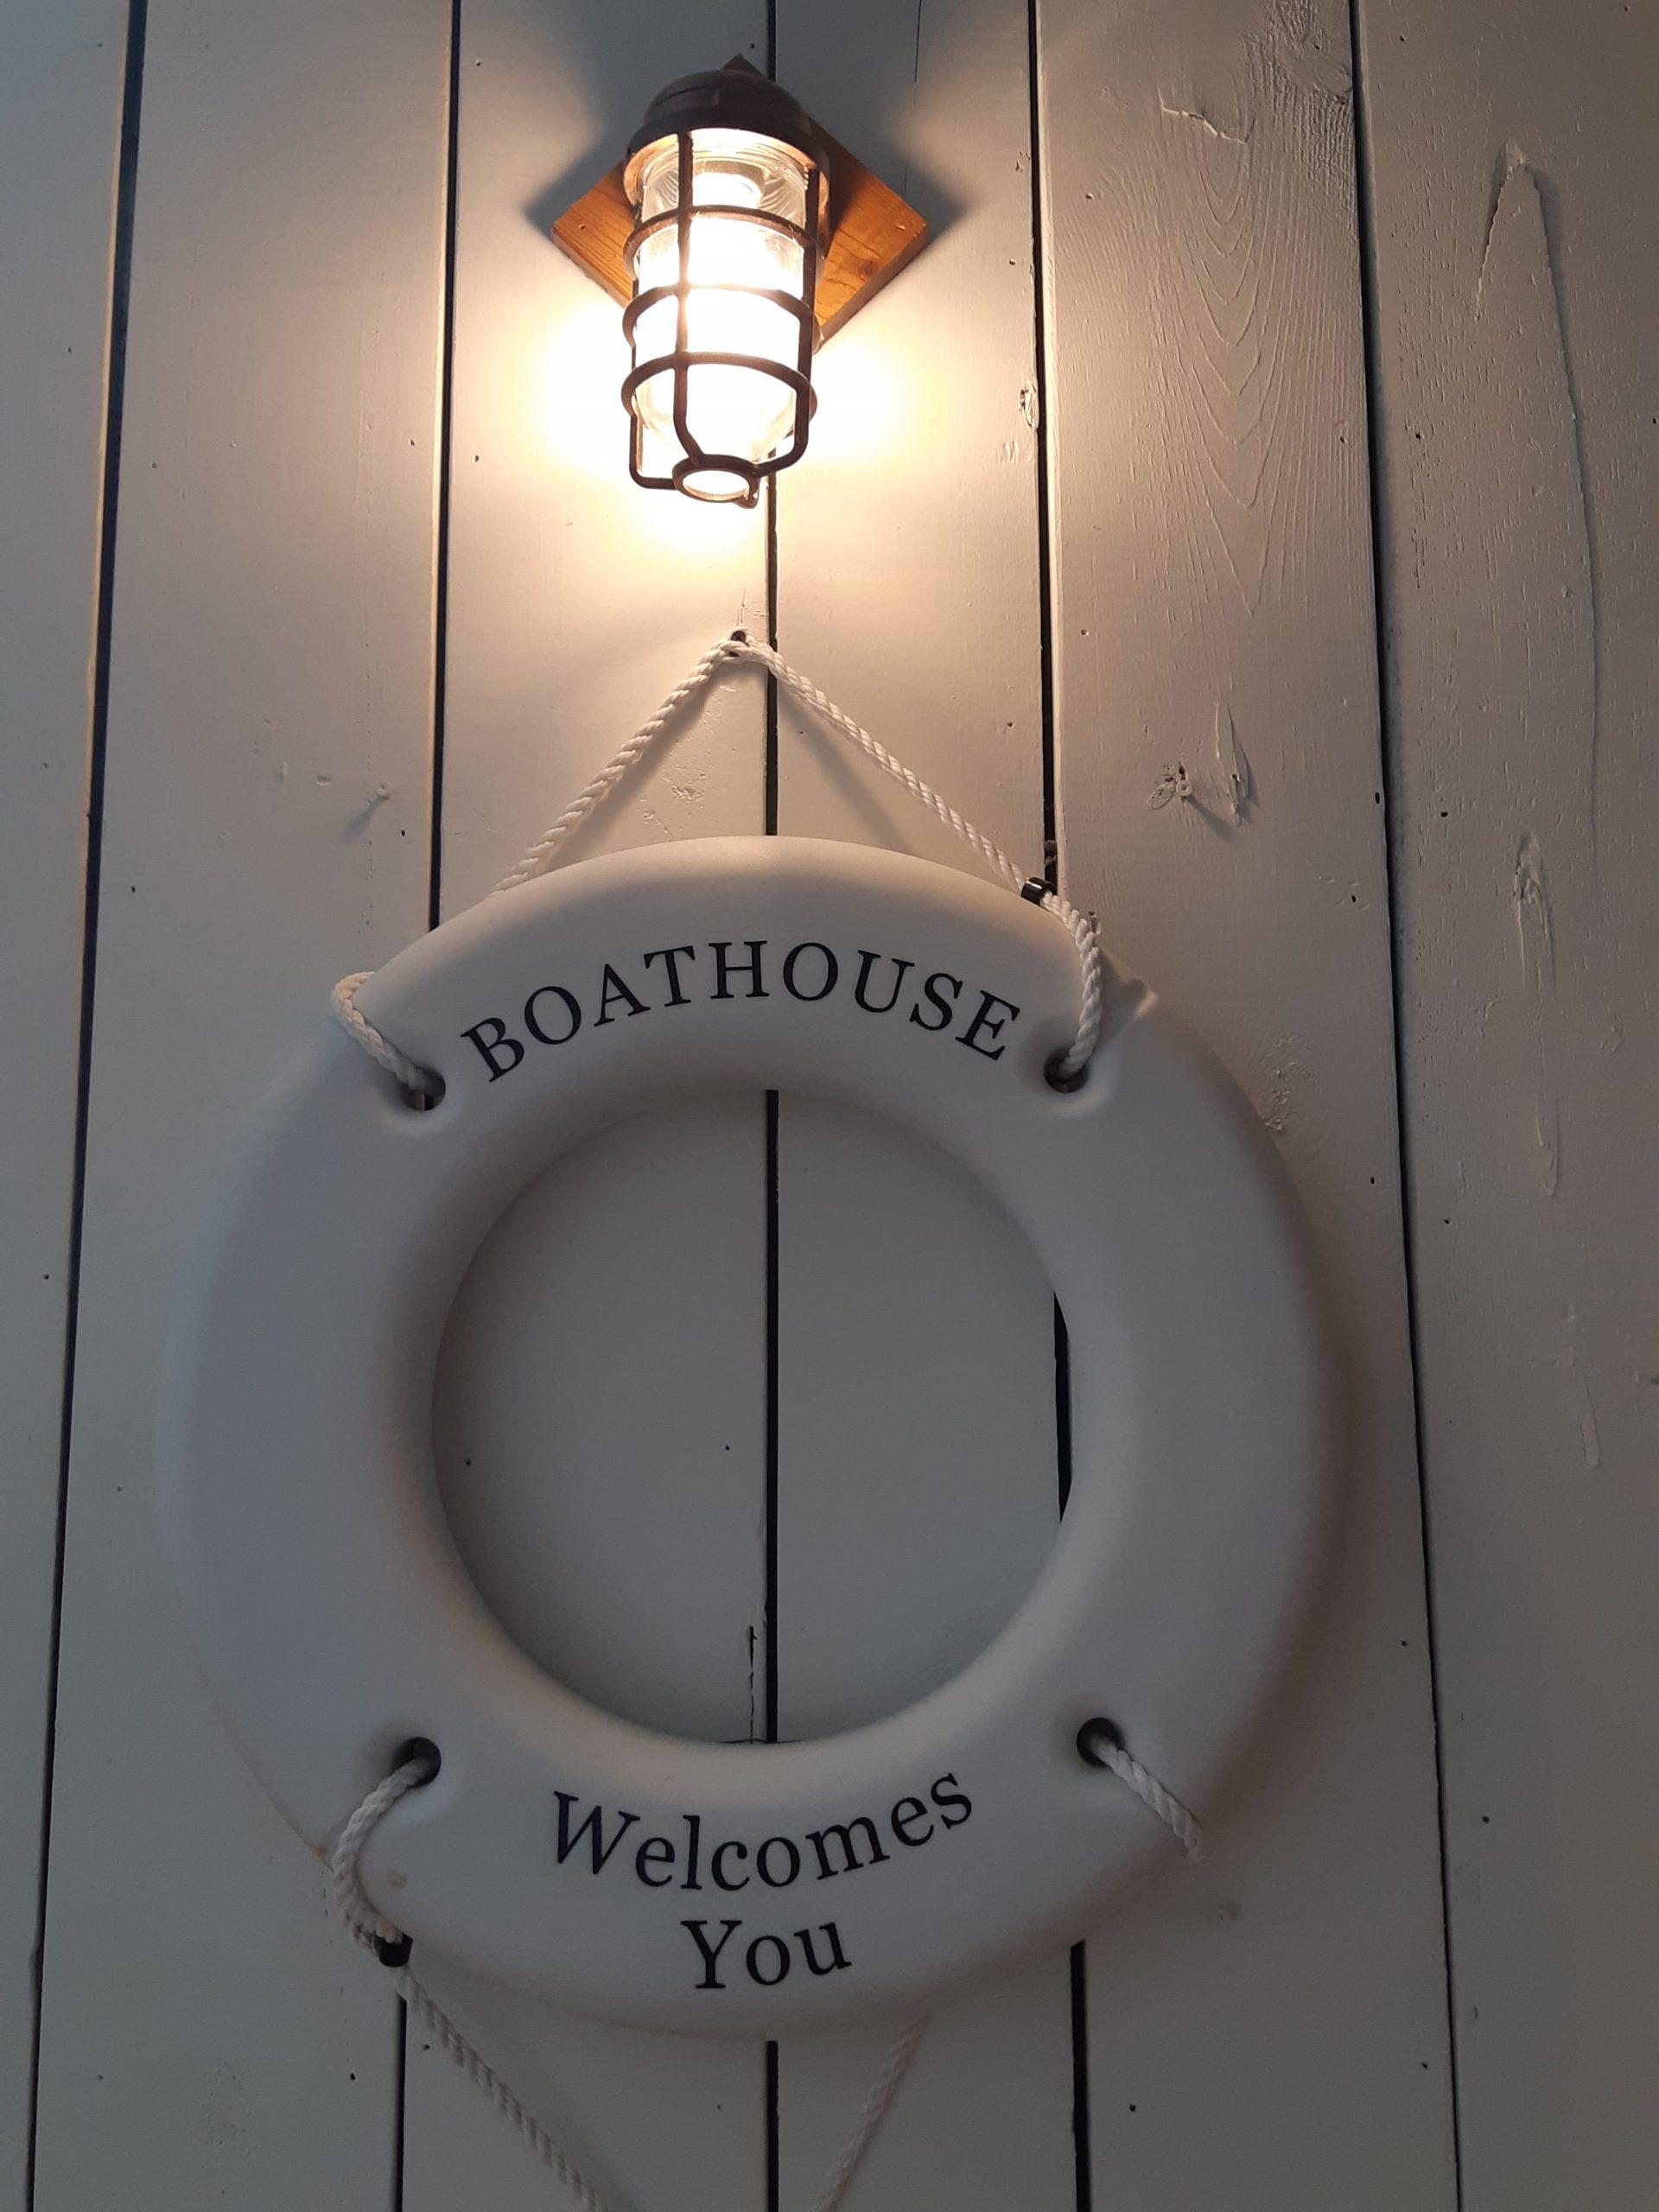 The Boathouse Midland